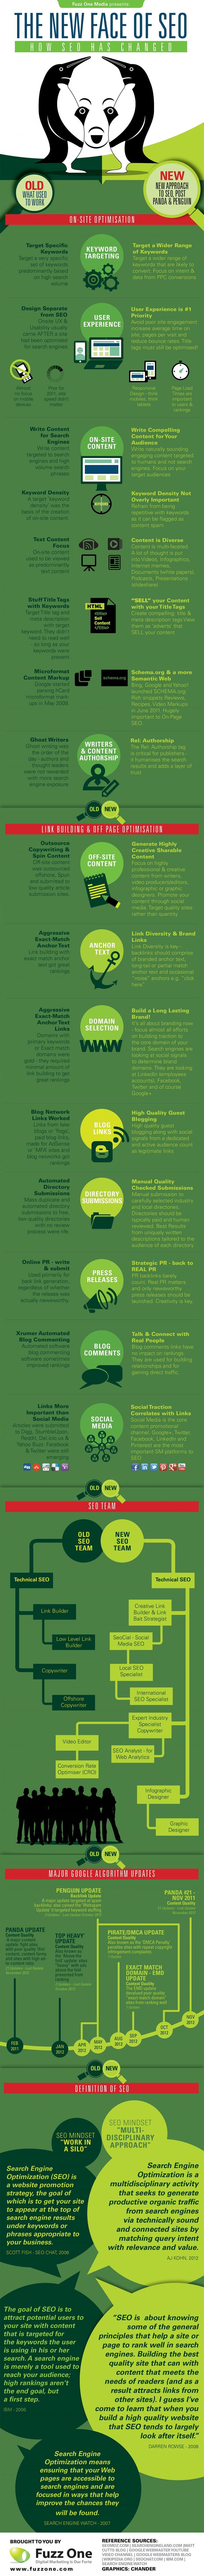 SEO 2012 infographic